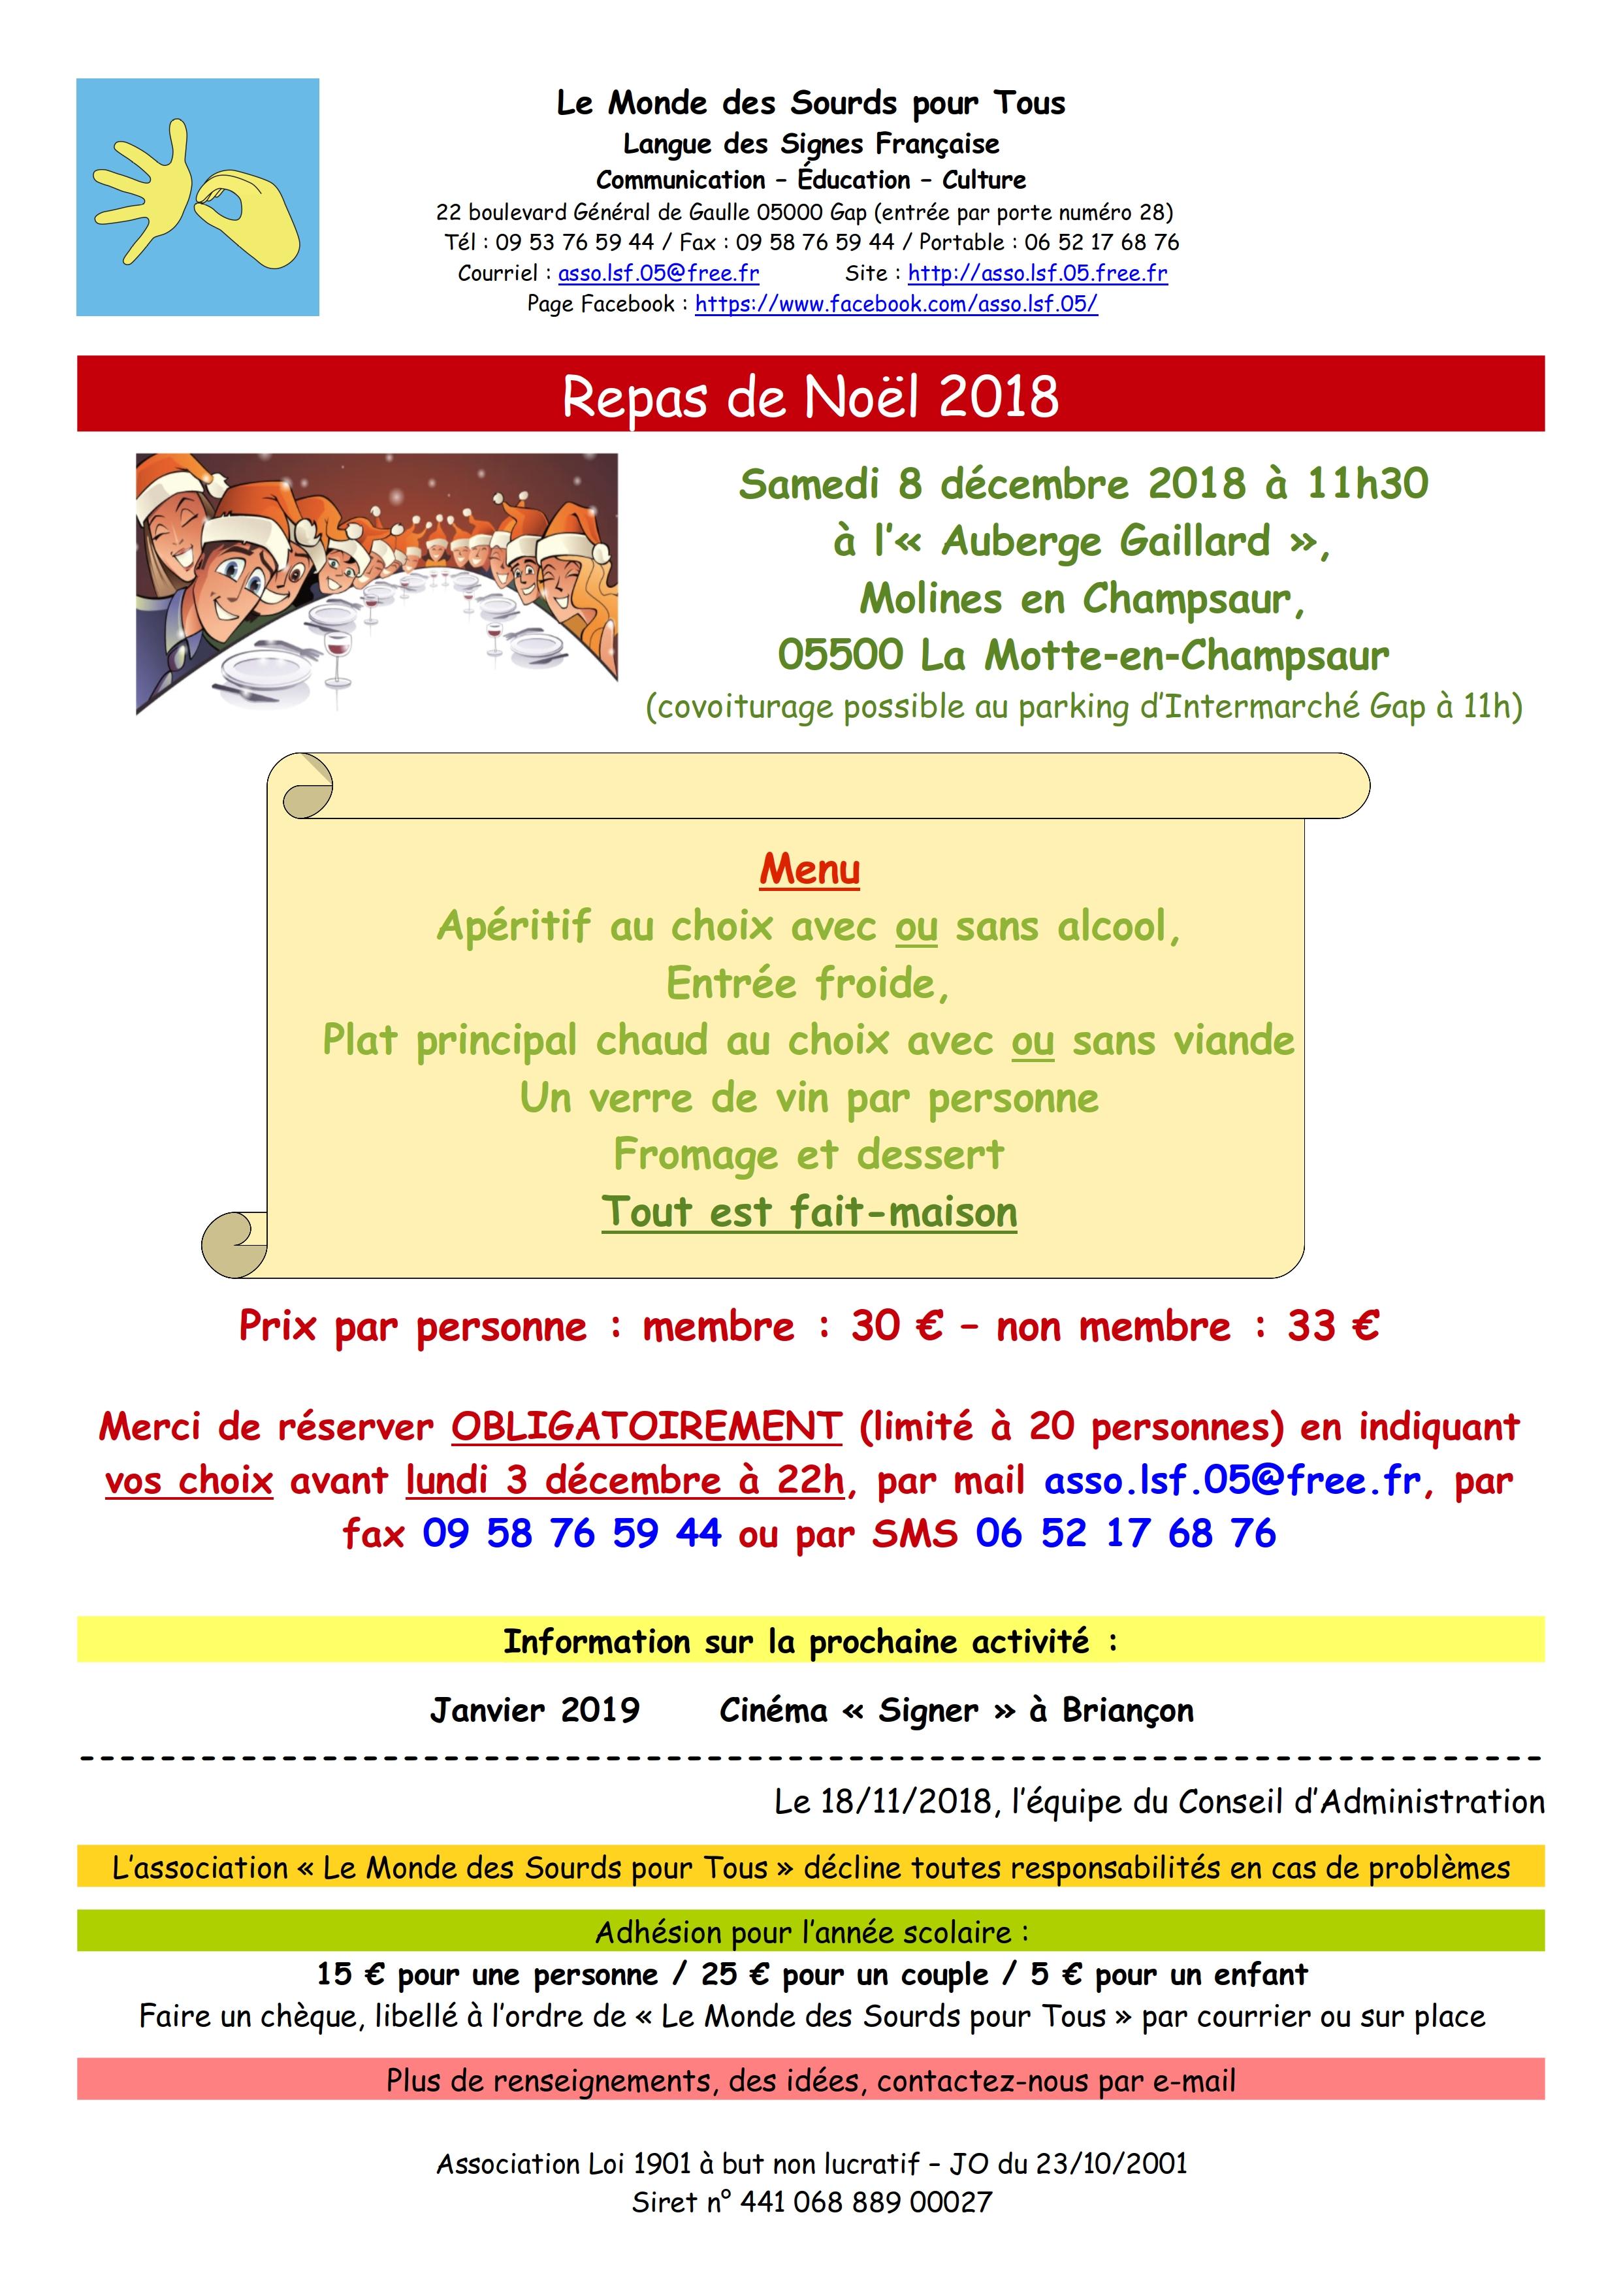 Repas de Noël 2018 de l'association Le Monde des Sourds pour Tous à l'Auberge Gaillard